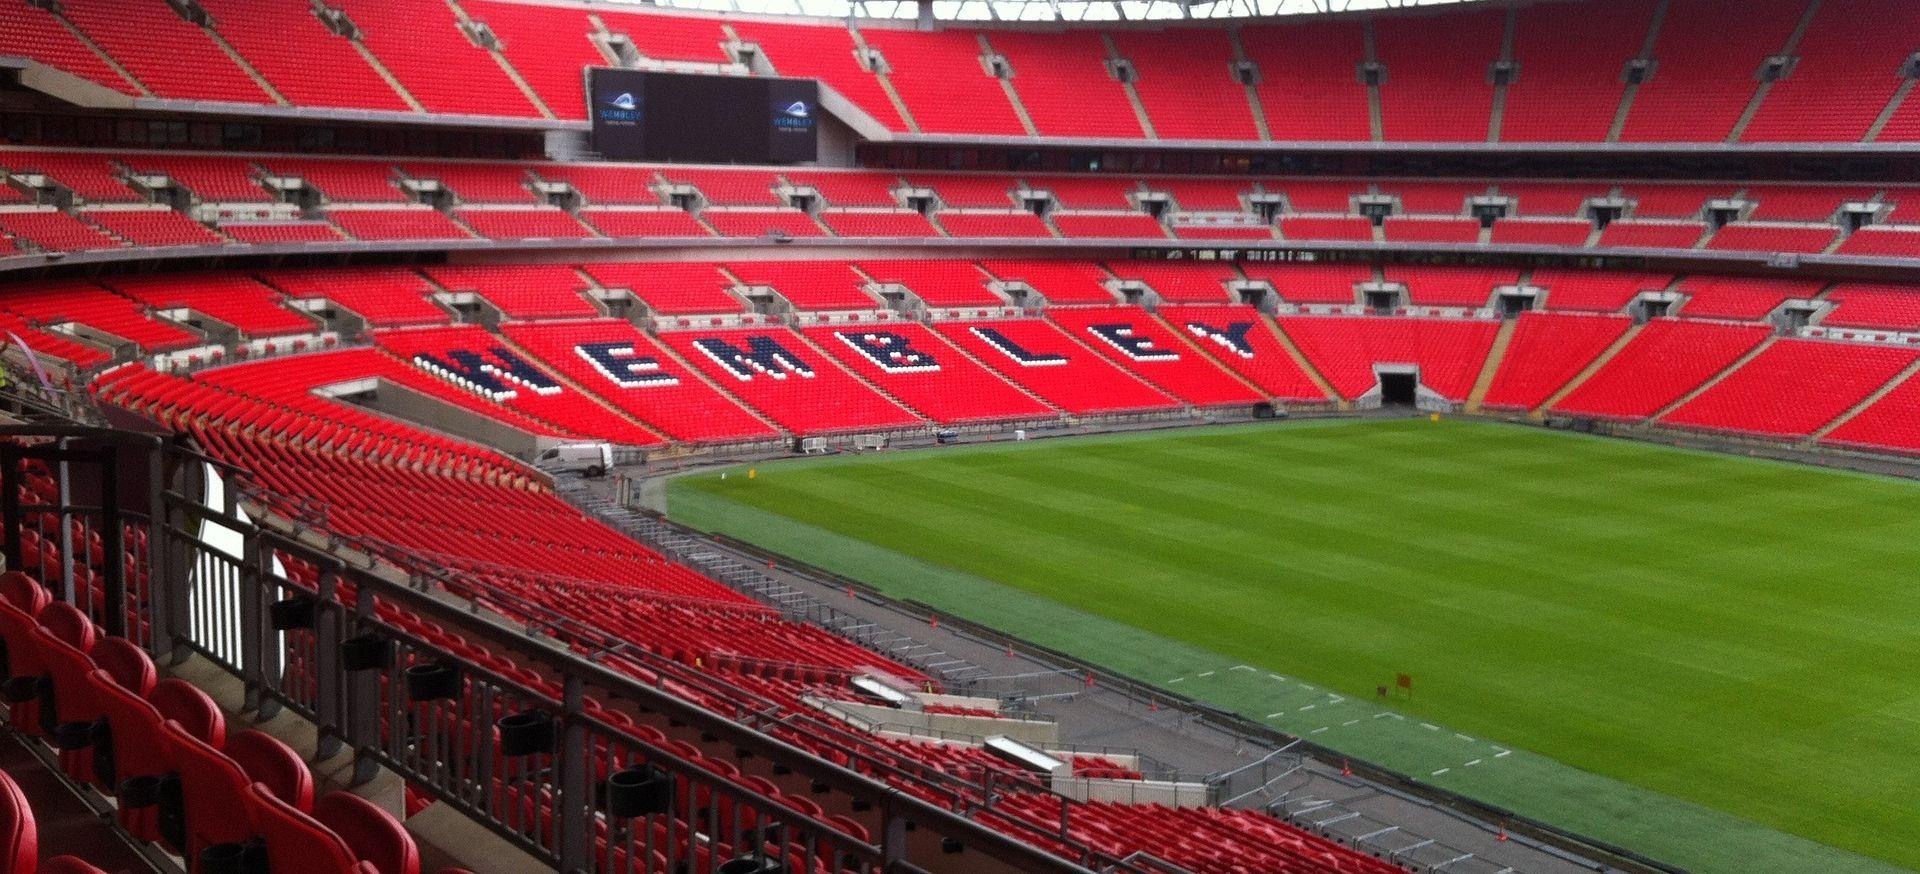 U prodaji dodatne ulaznice za Wembley